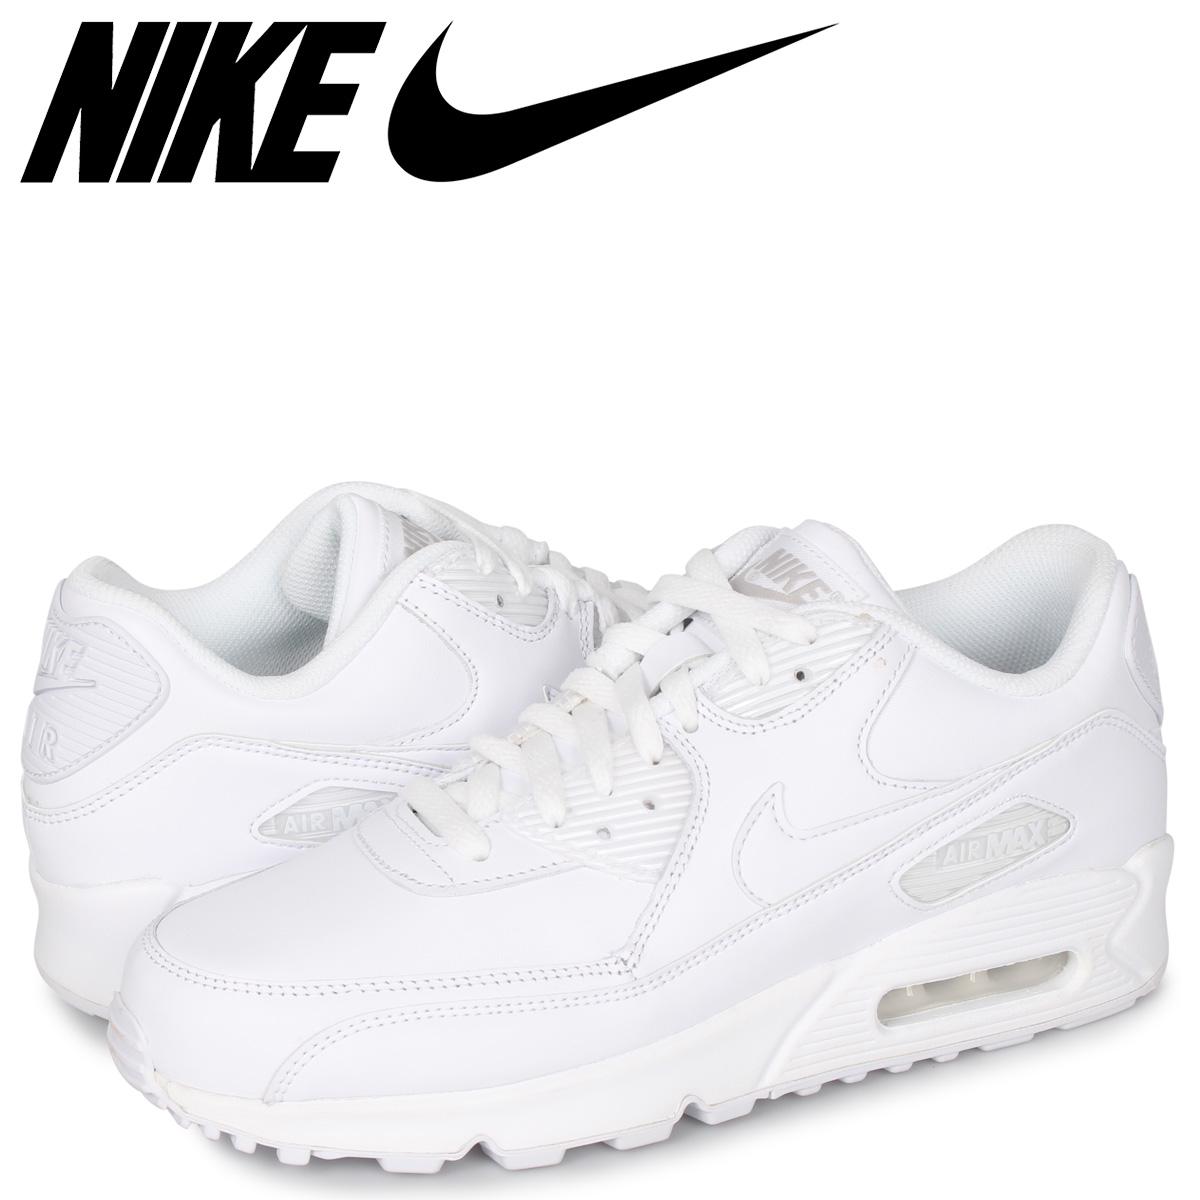 NIKE AIR MAX 90 LEATHER Kie Ney AMAX 90 sneakers men black black 302,519 014